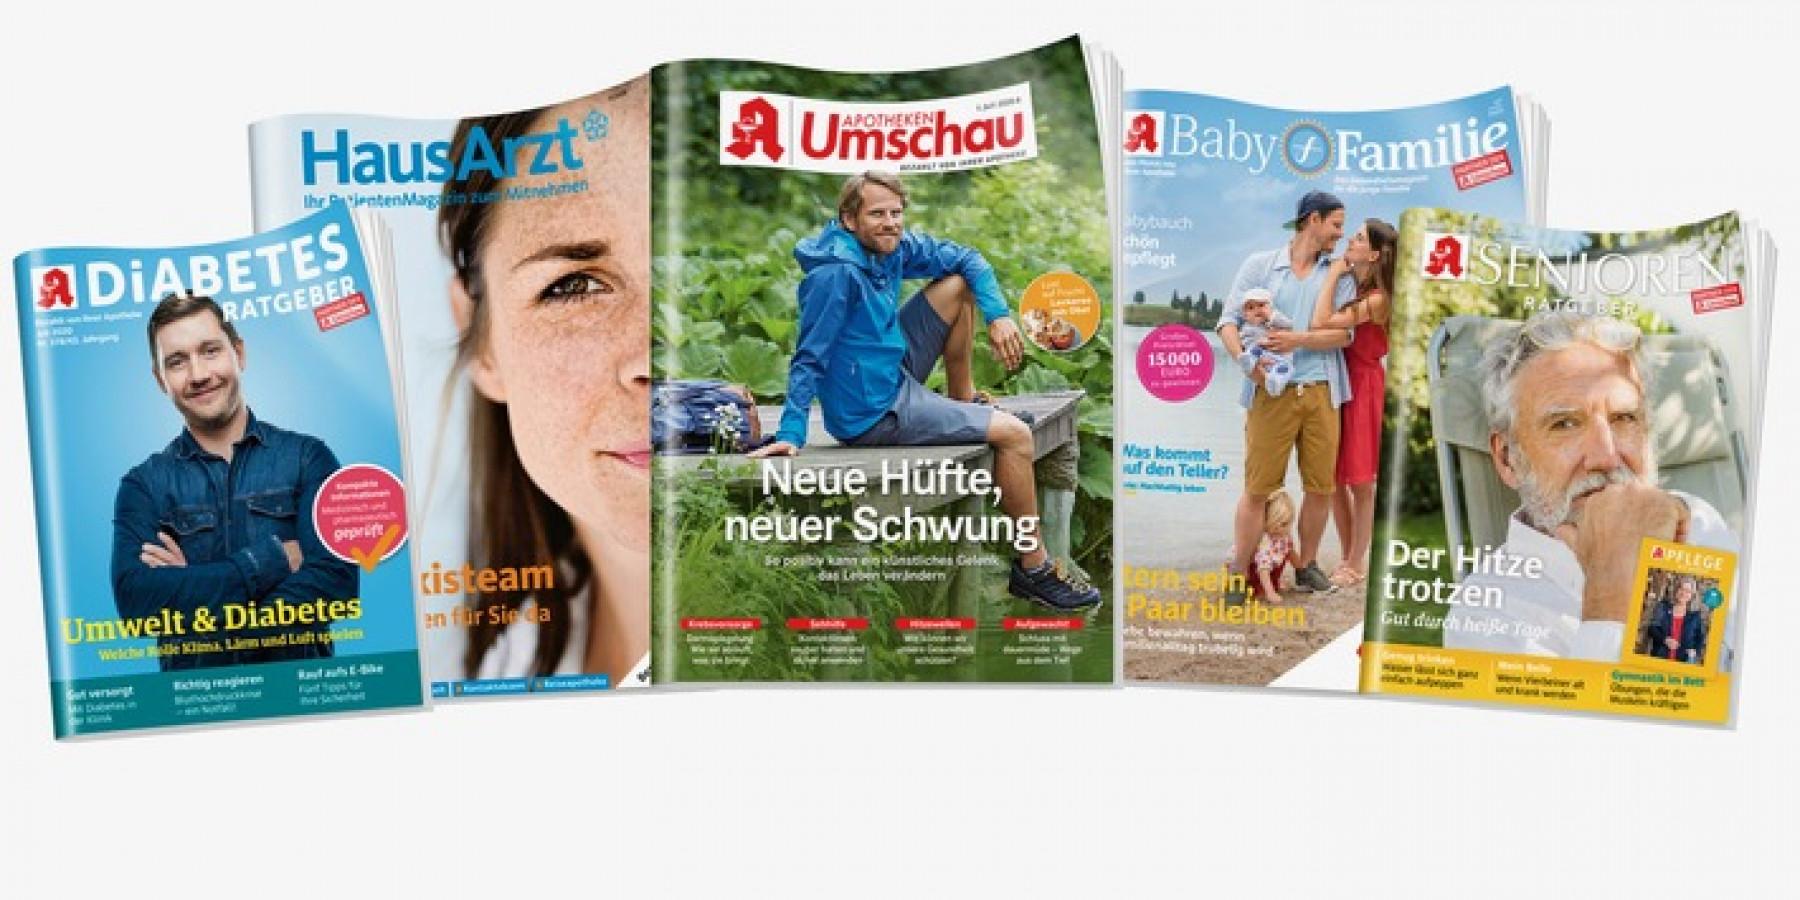 Apotheken Umschau steht mit 18,71 Mio. Lesern an der Spitze des deutschen Lesermarkts